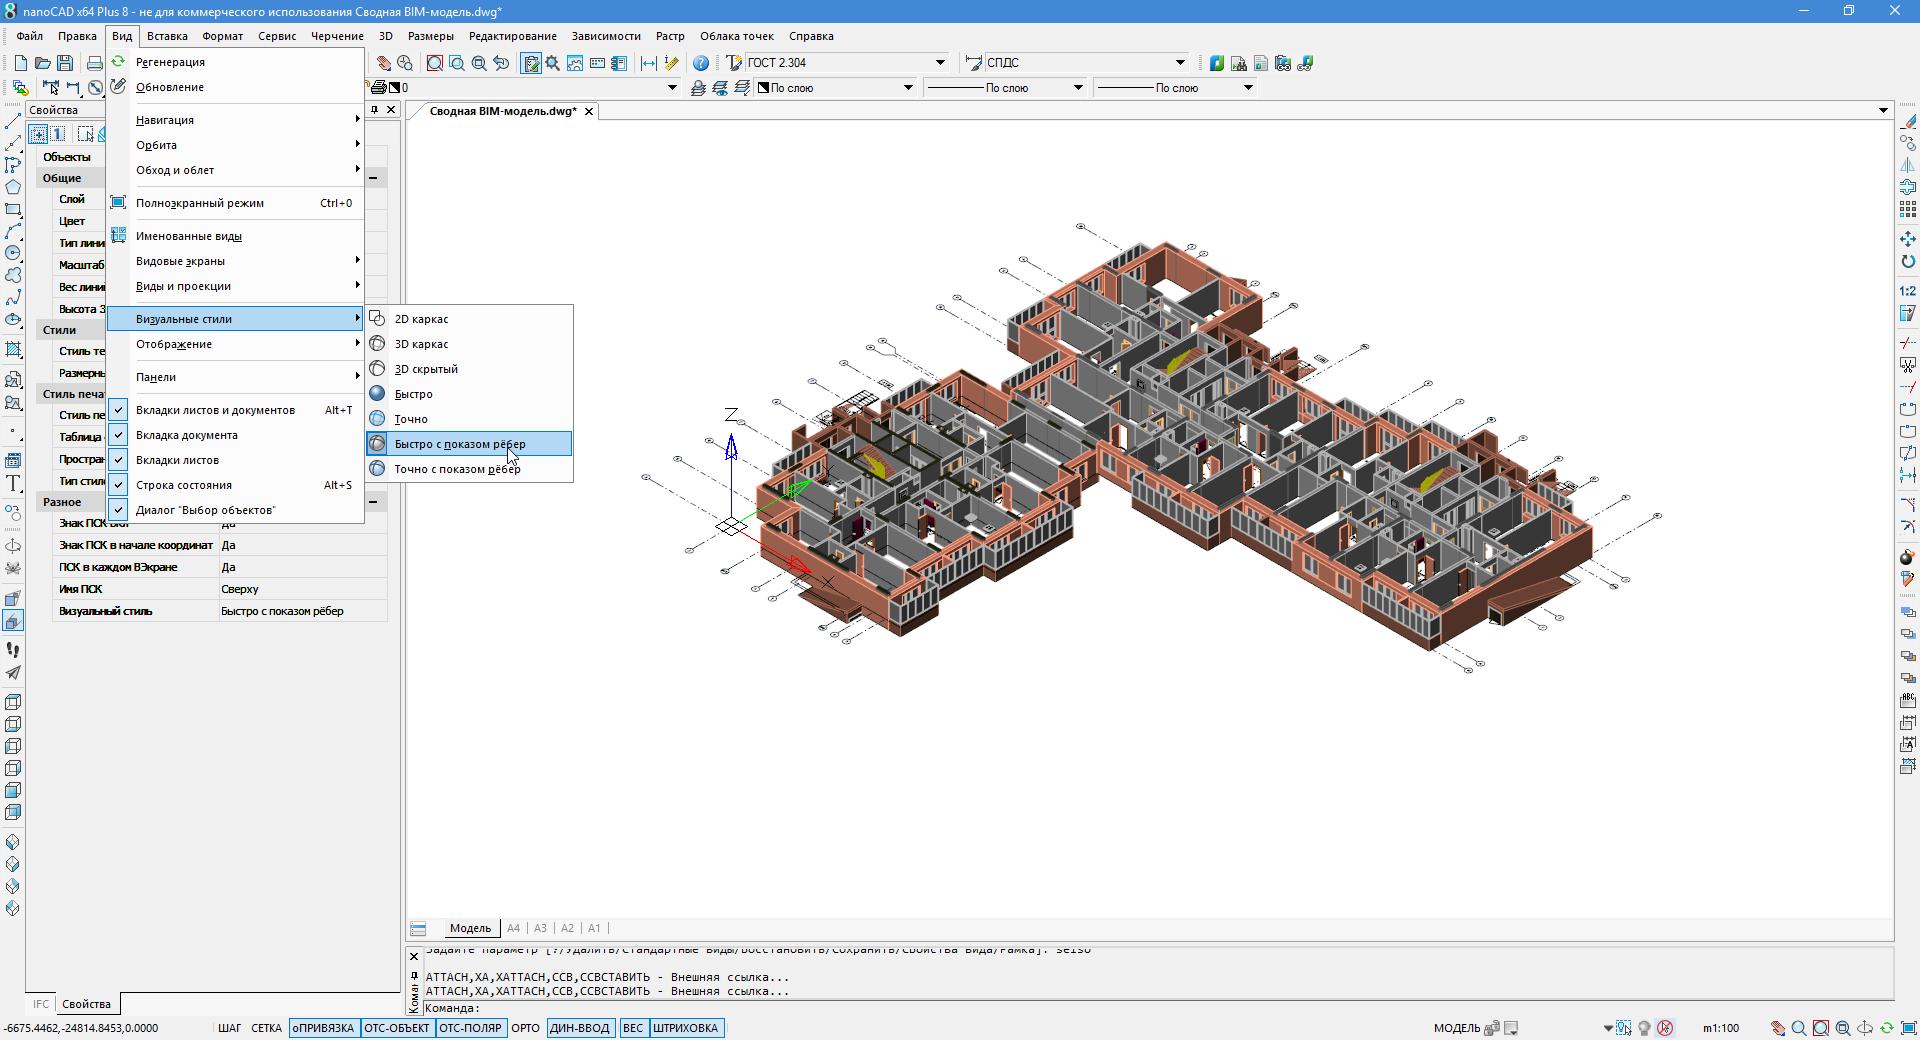 Сводная BIM-модель: практическое занятие по технологии OpenBIM - 6